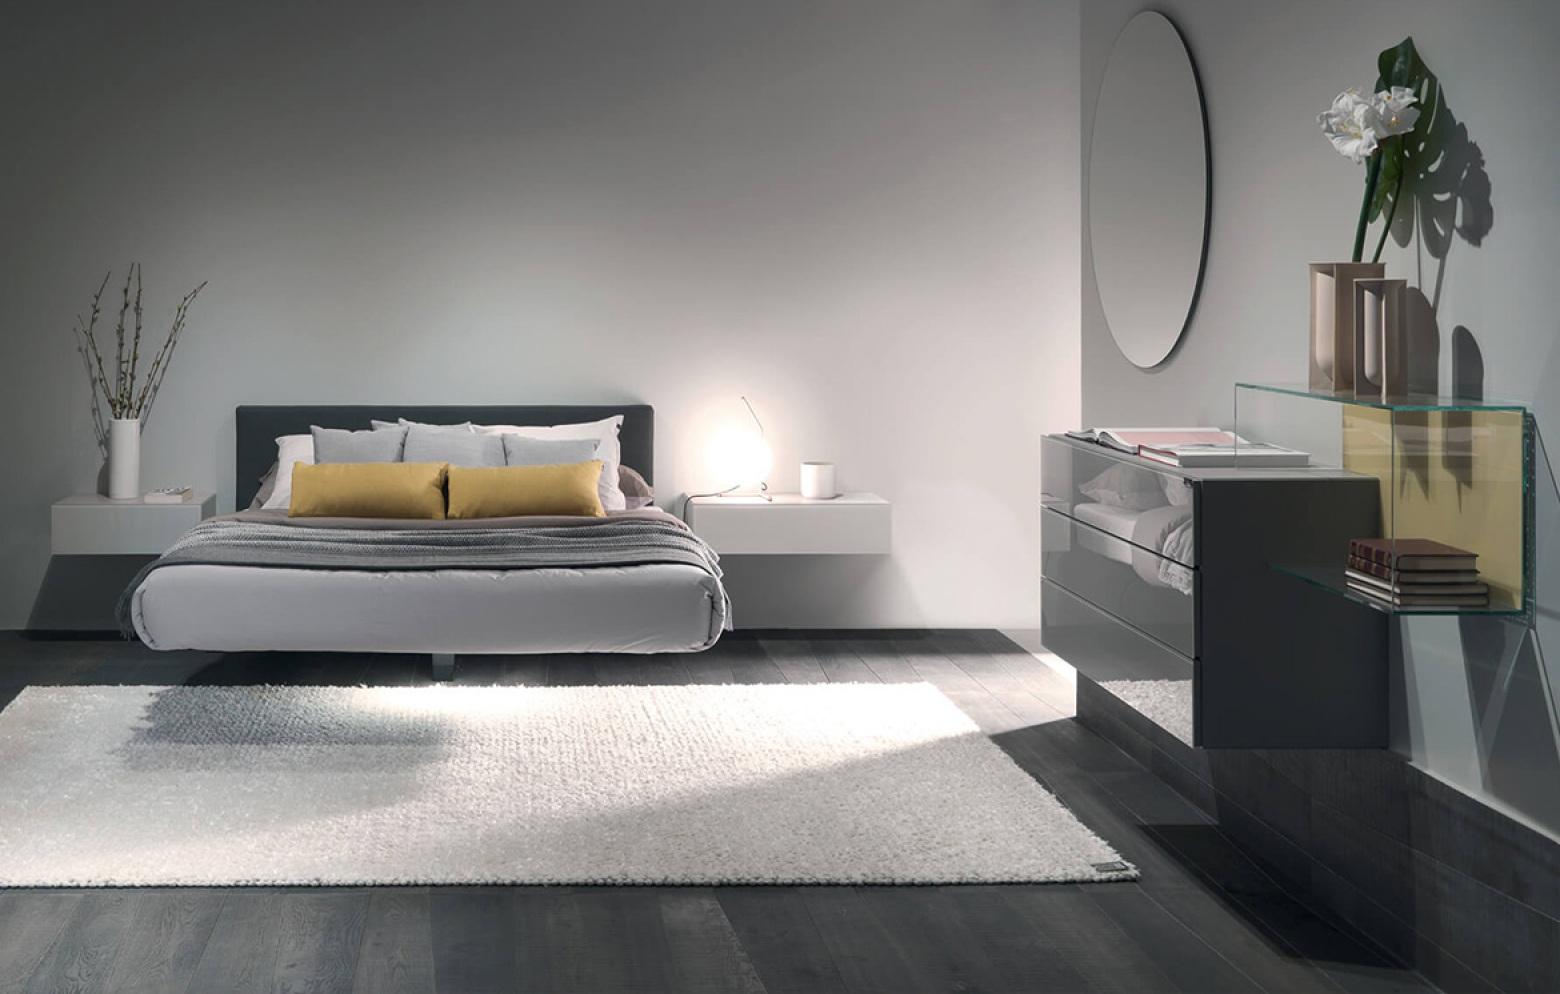 Full Size of Schwebendes Bett Von Lago Italia Luxus Betten Bette Floor Mit Schubladen Weiß 80x200 180x200 Komplett Lattenrost Und Matratze Günstiges Paletten 140x200 Bett Schwebendes Bett